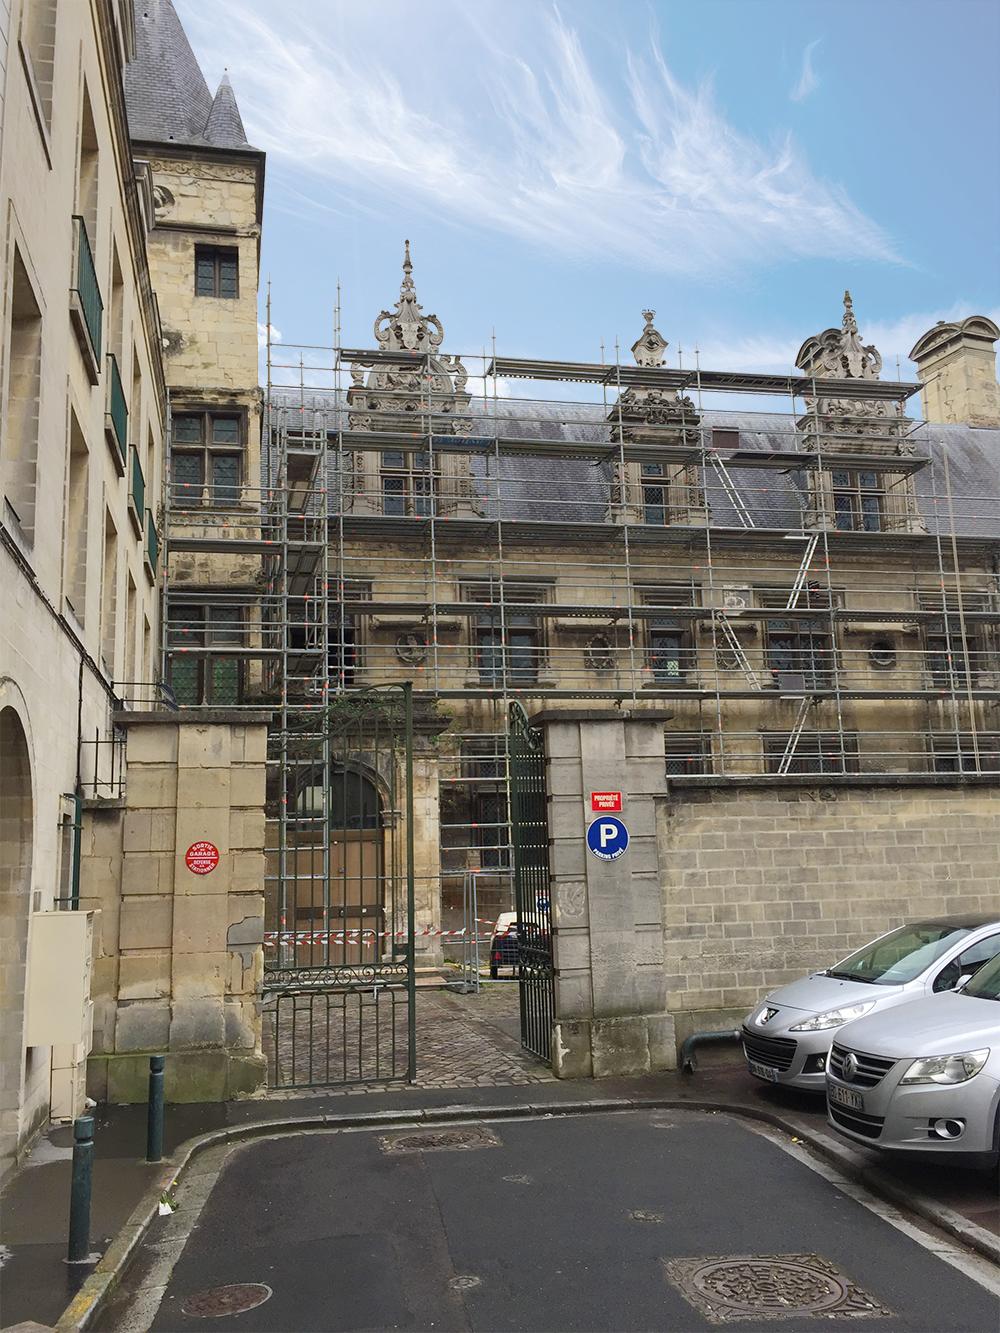 Hôtel de Than : les premières images du chantier de restauration